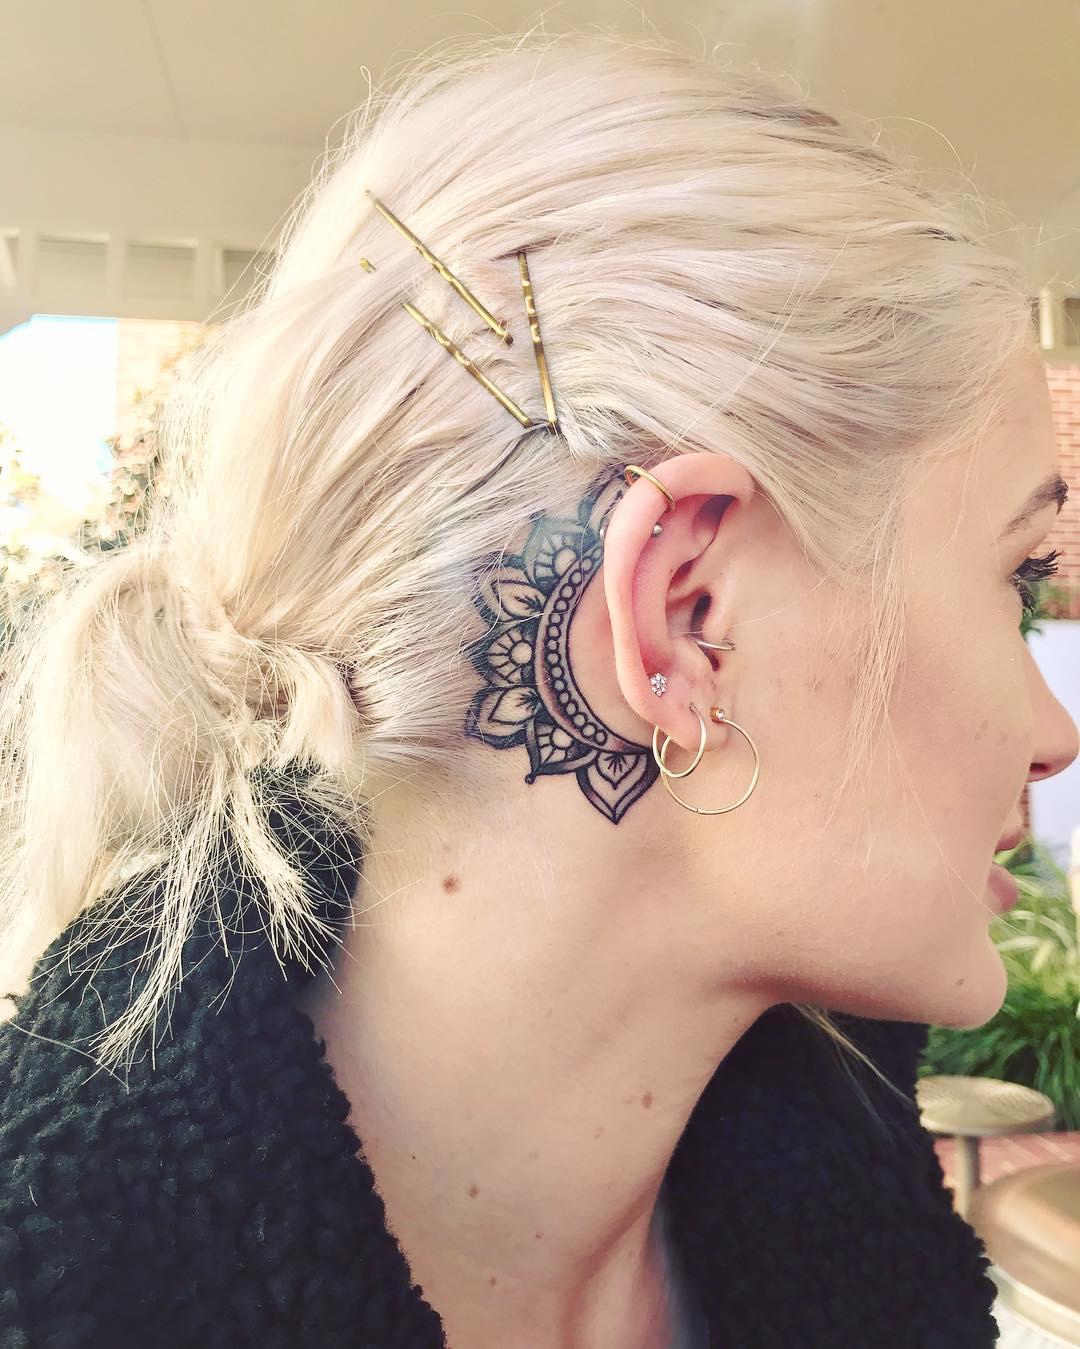 Linda mandala tatuada atrás da orelha, muito delicada e charmosa.